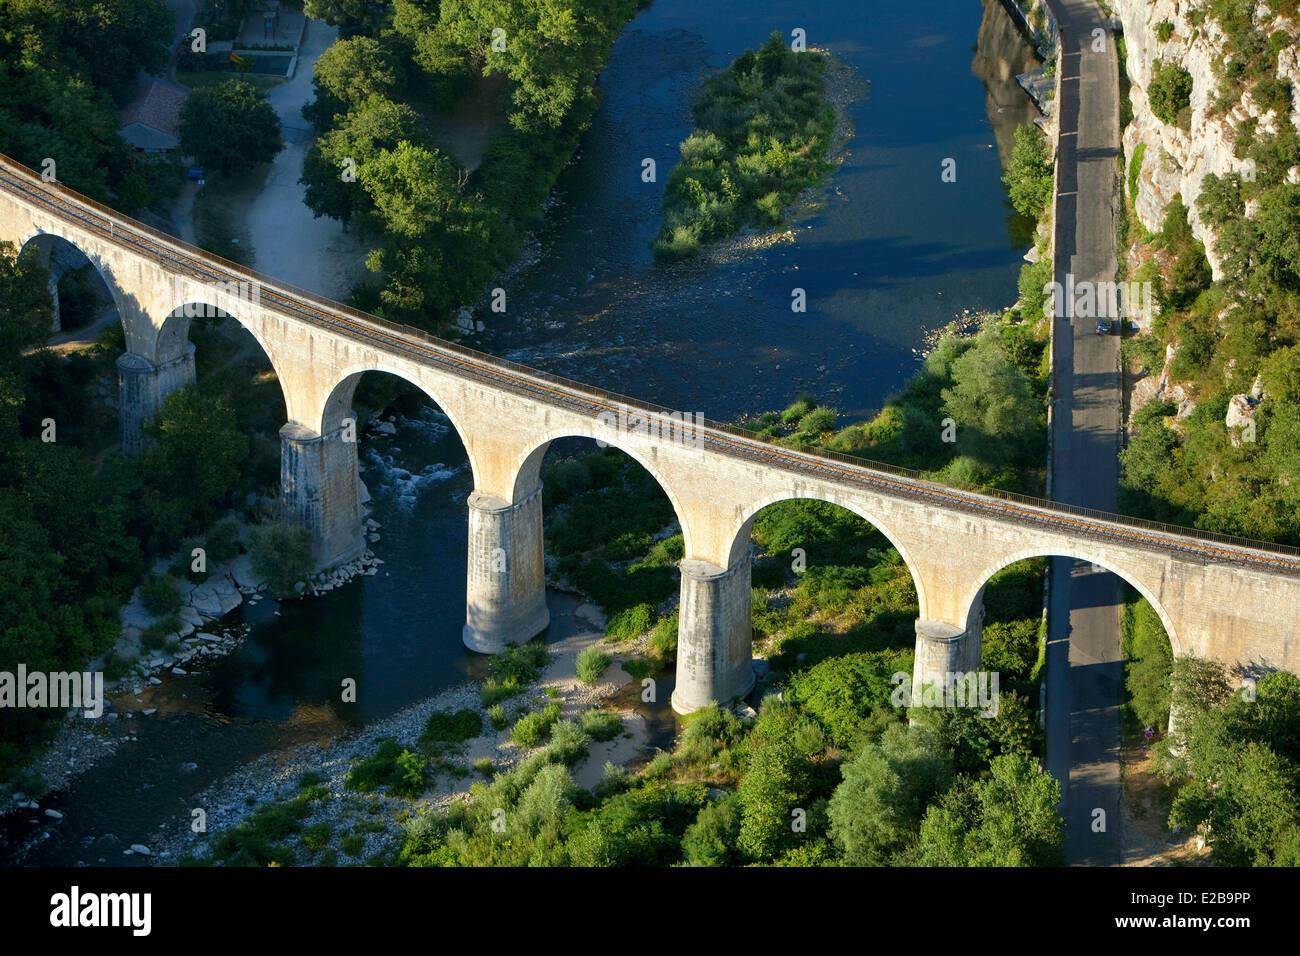 La France, l'Ardèche, Vogue, étiqueté Les Plus Beaux Villages de France, pont au-dessus de la Photo Stock